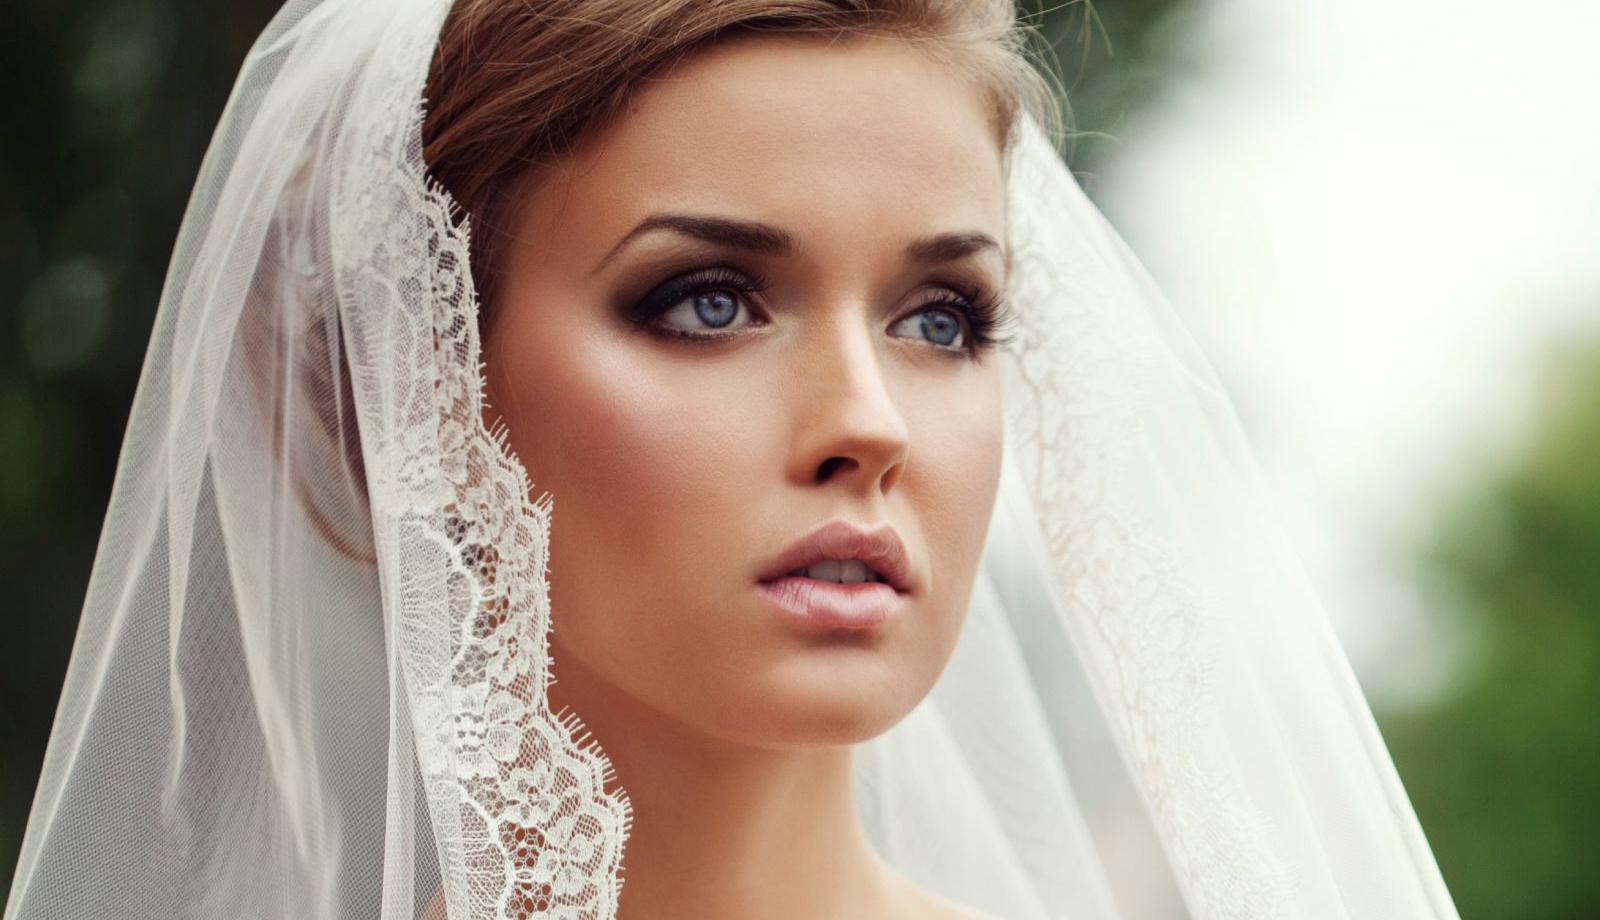 Erros de maquiagem que deixam a noiva com aparência cansada